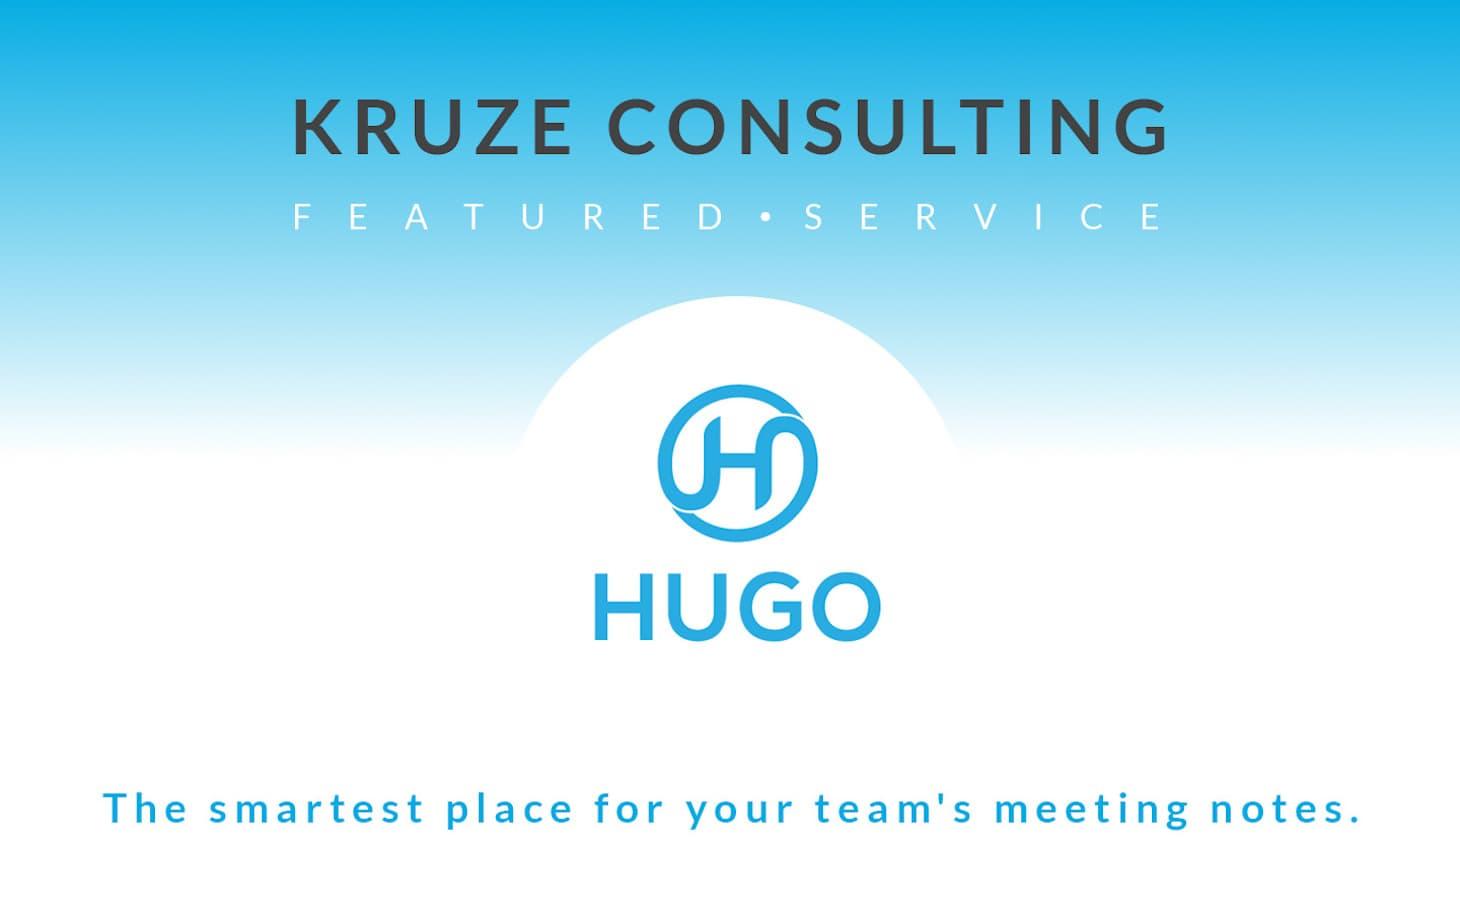 Featured Service - Hugo